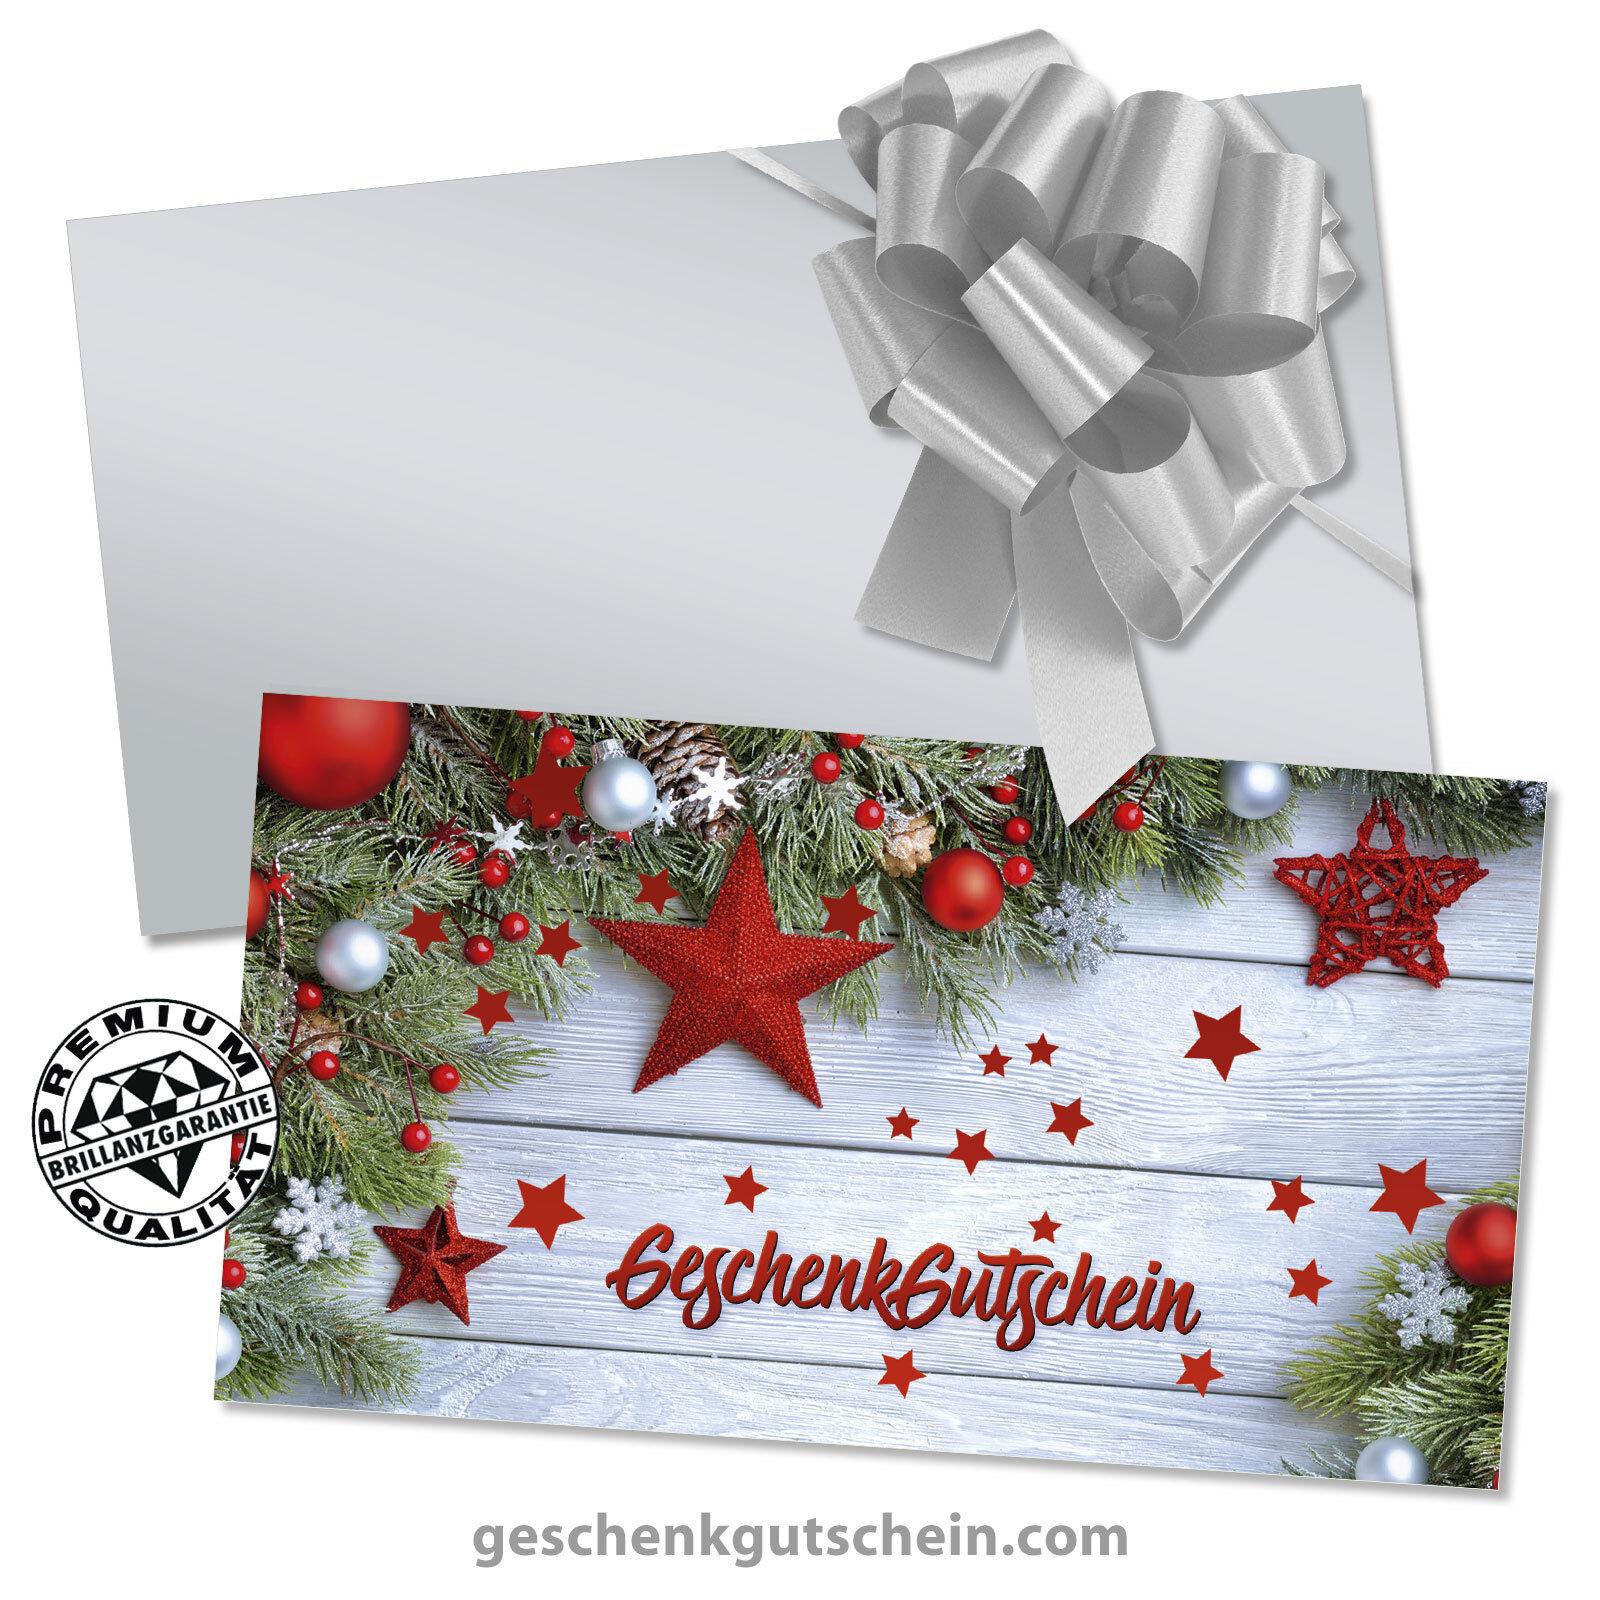 Weihnachts-Gechenkgutscheine mit KuGrüns und Schleifen für alle Branchen X1291